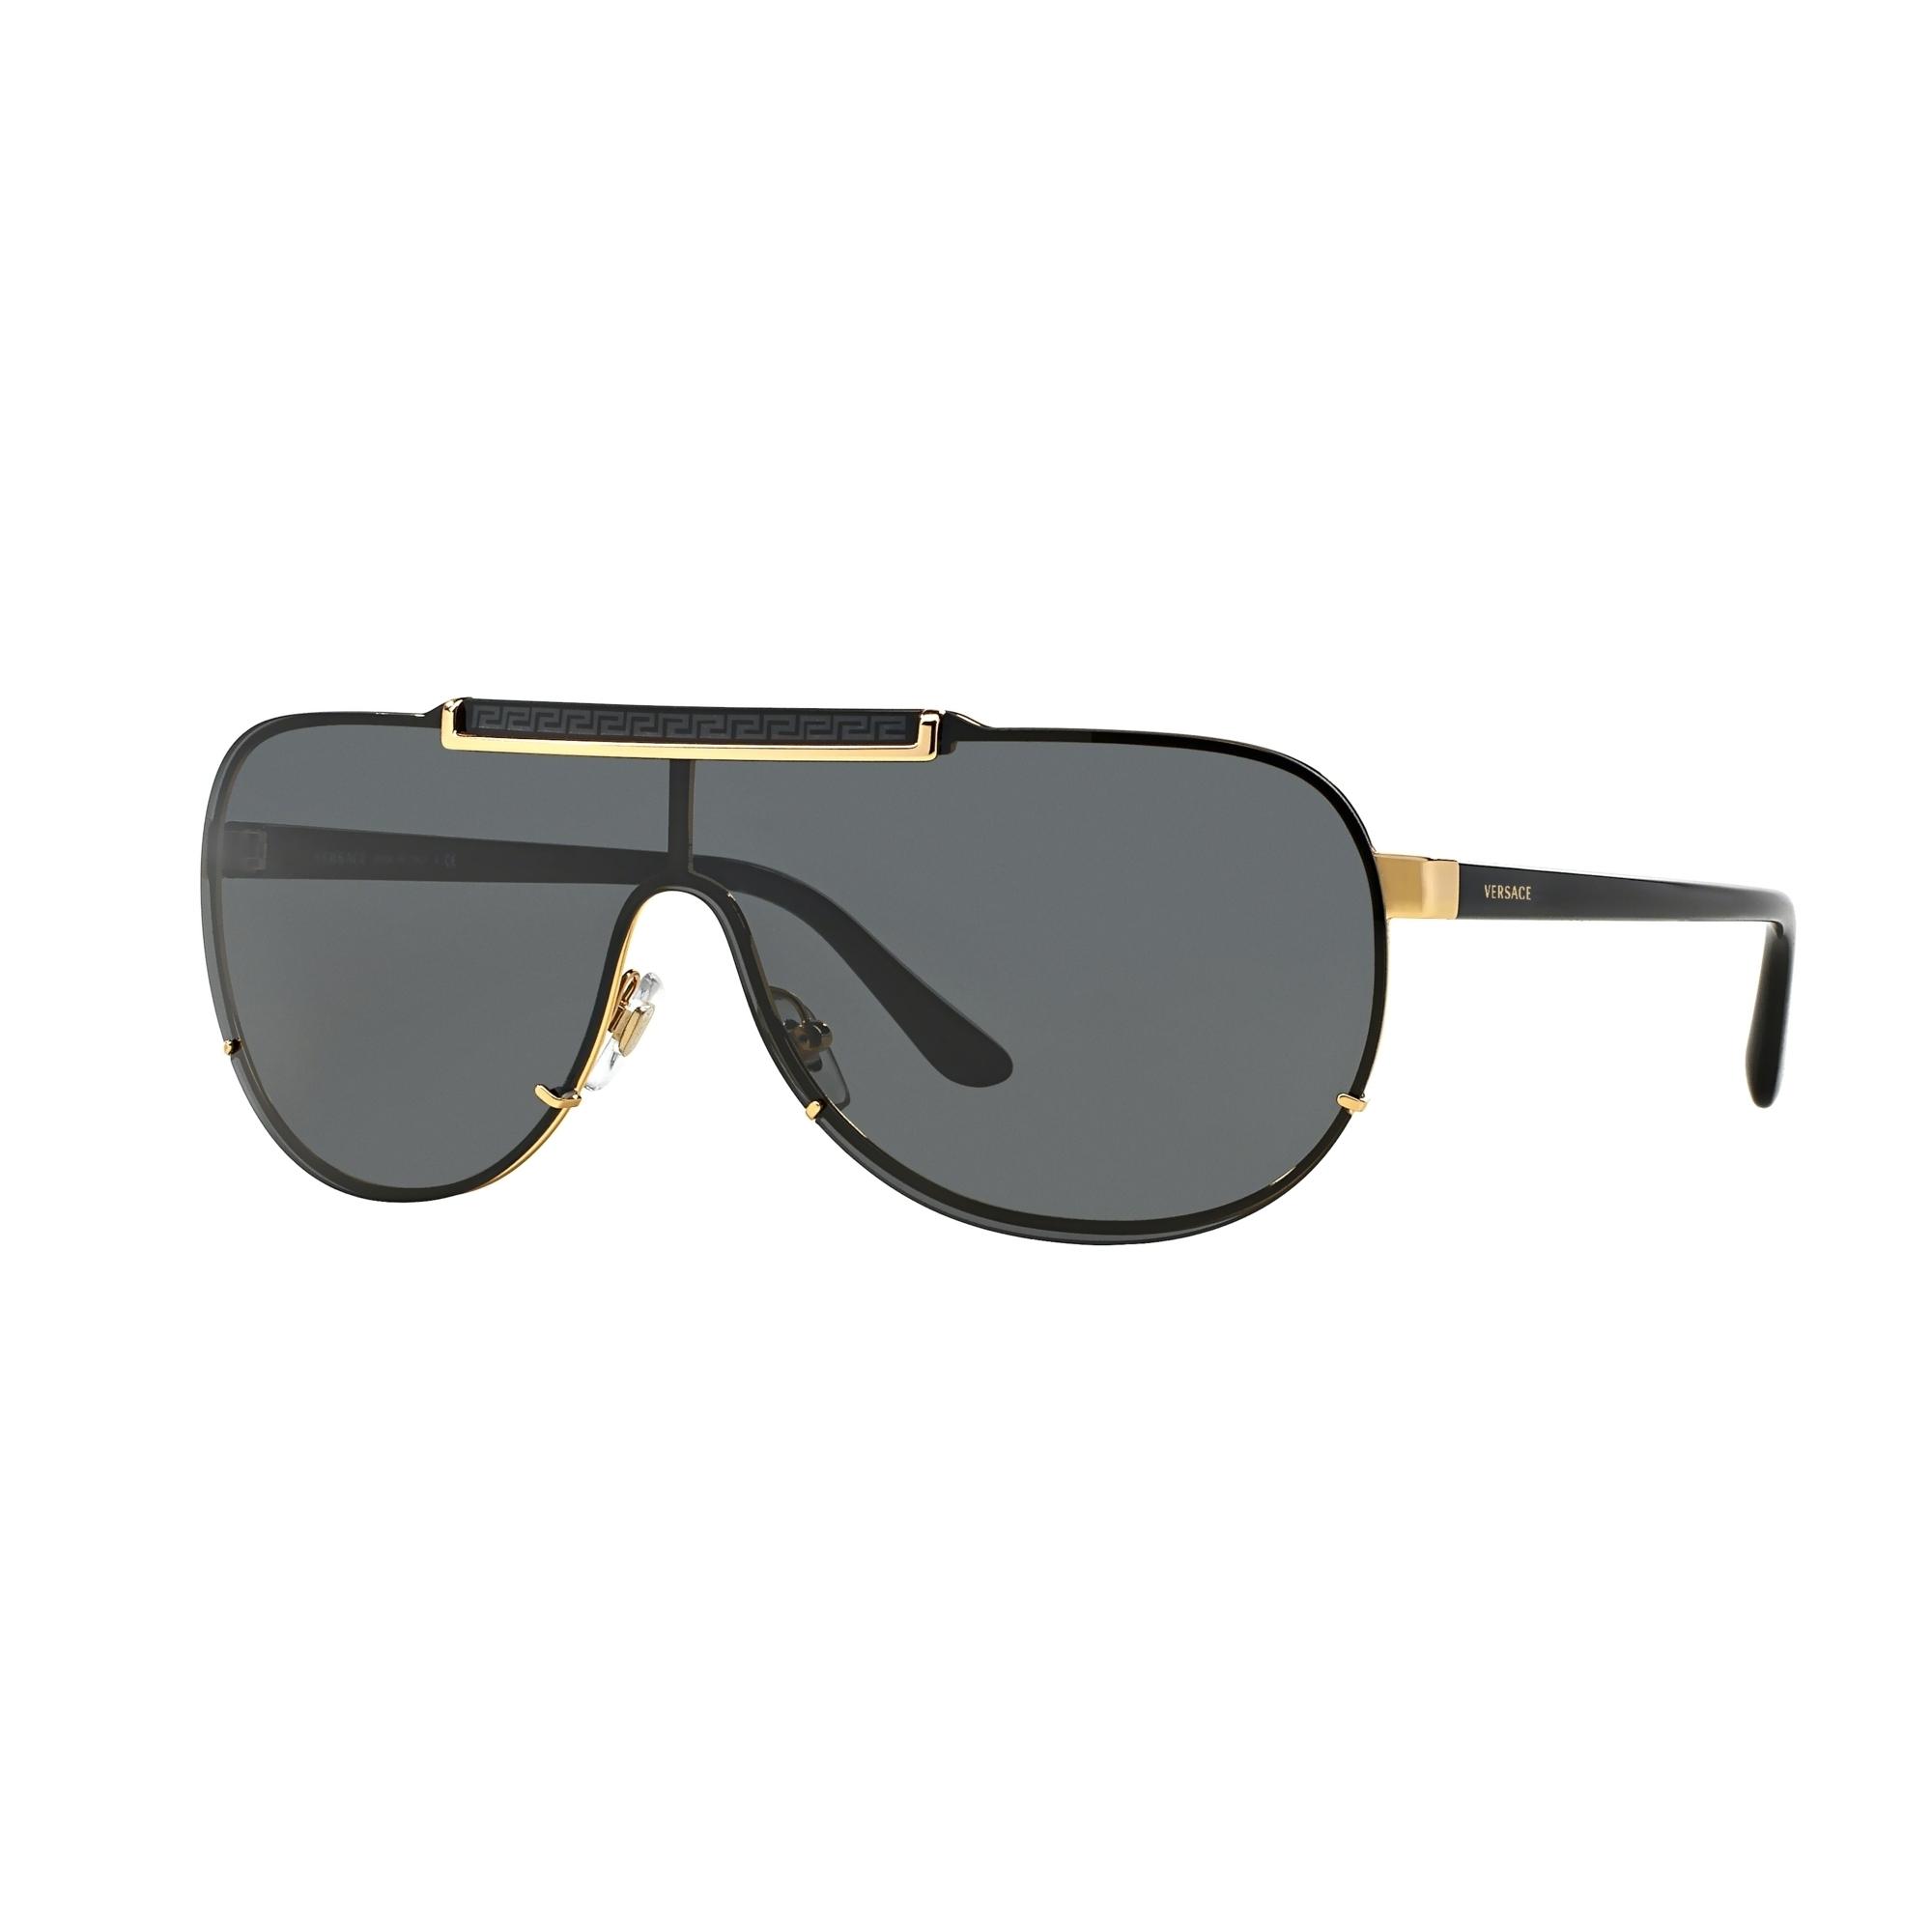 40 FR de Versace soleil Lunettes 100287 Homme VE2140 Sunglasses 1CqAnUZ